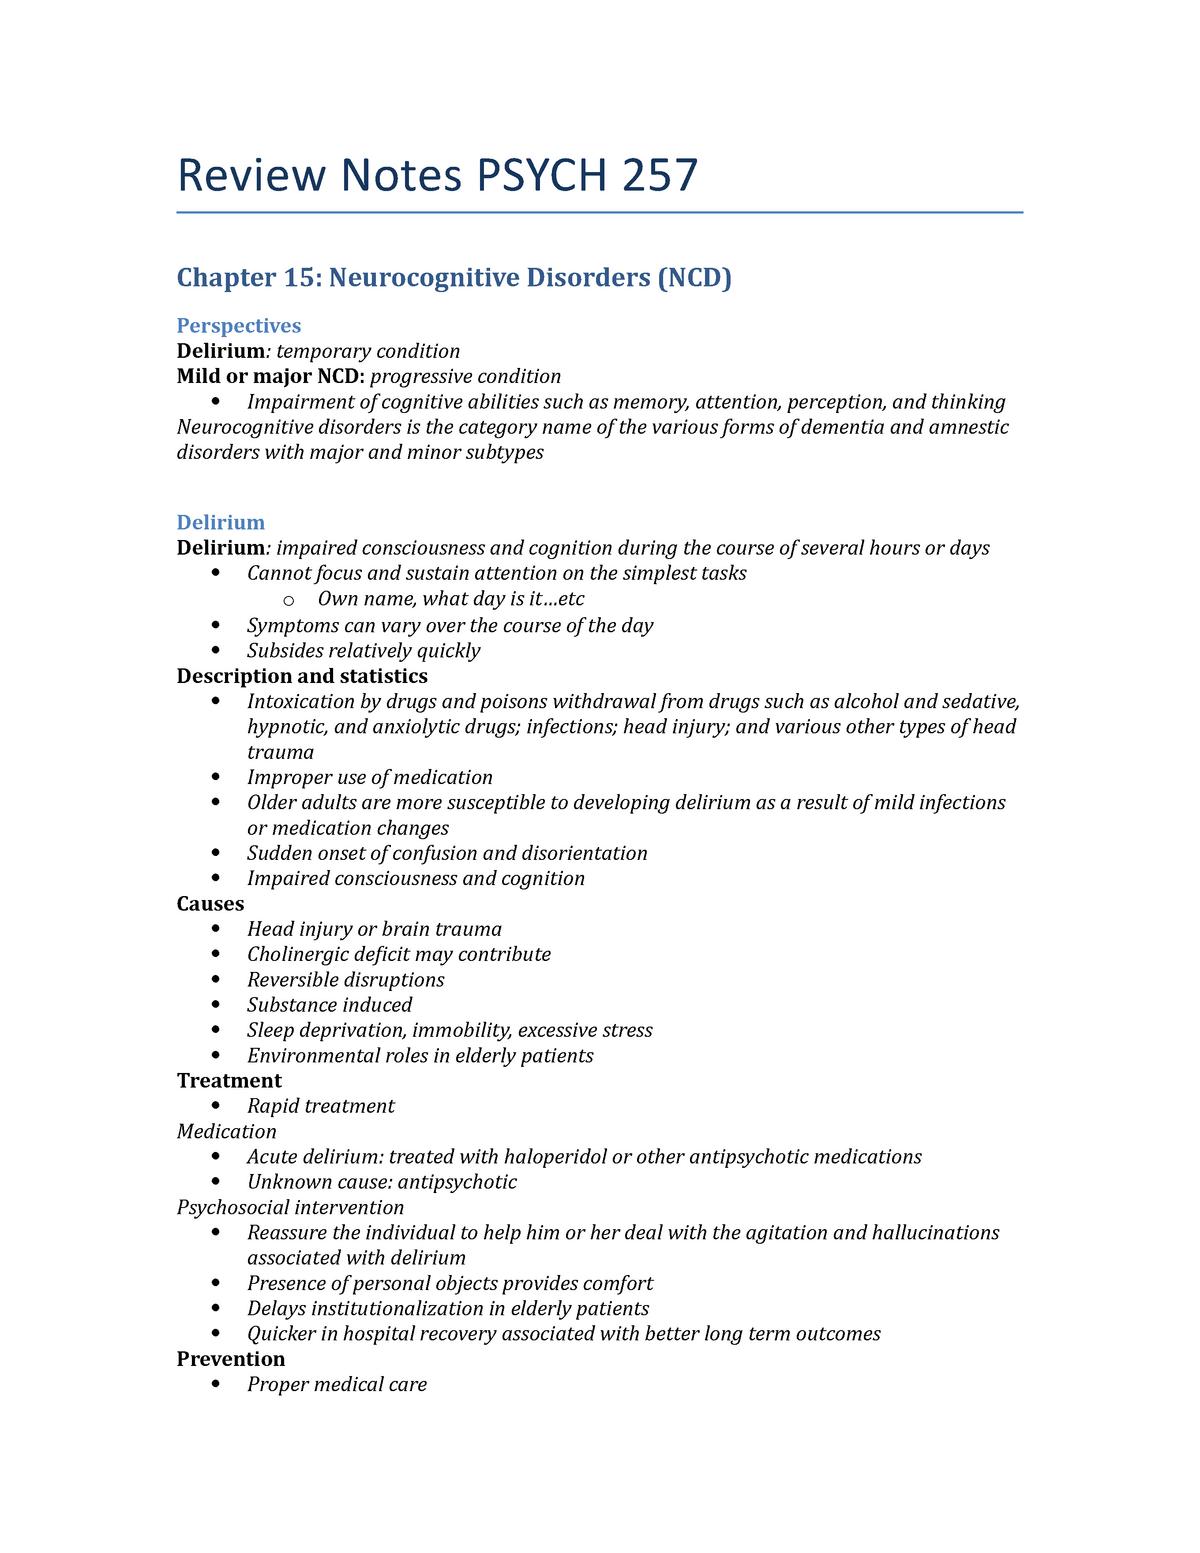 Review Notes Psych 257 - Psych 257: Psychopathology - StuDocu